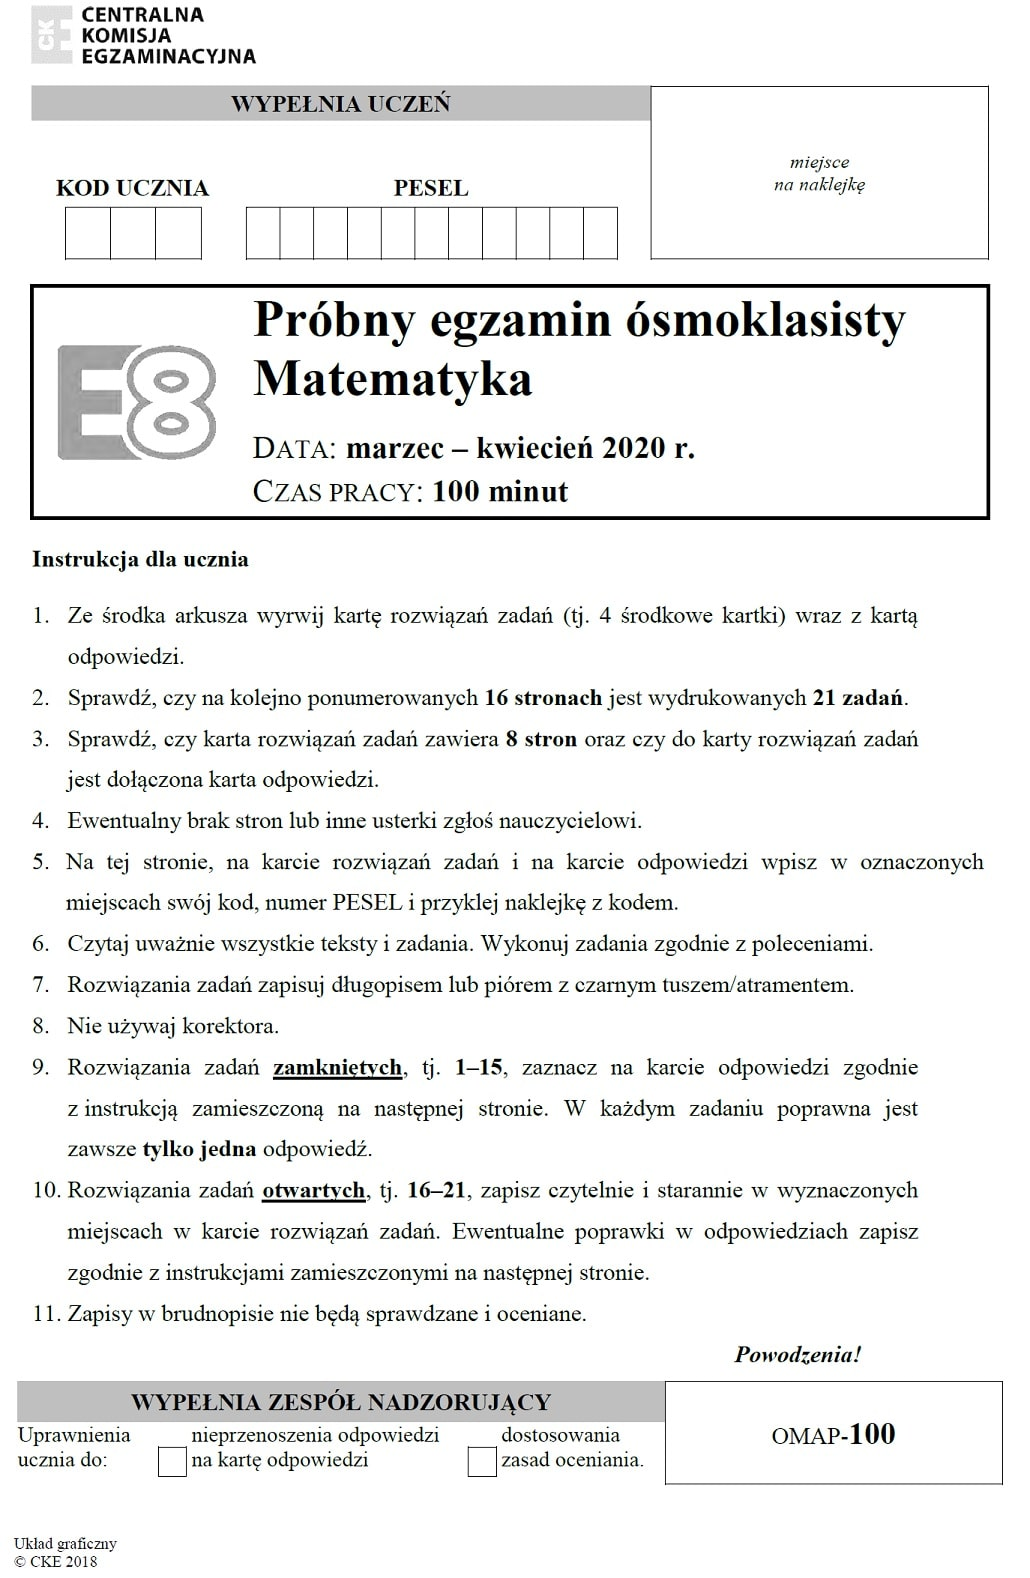 Pierwsza strona arkusza egzaminu z matematyki próbny ósmoklasisty 2020